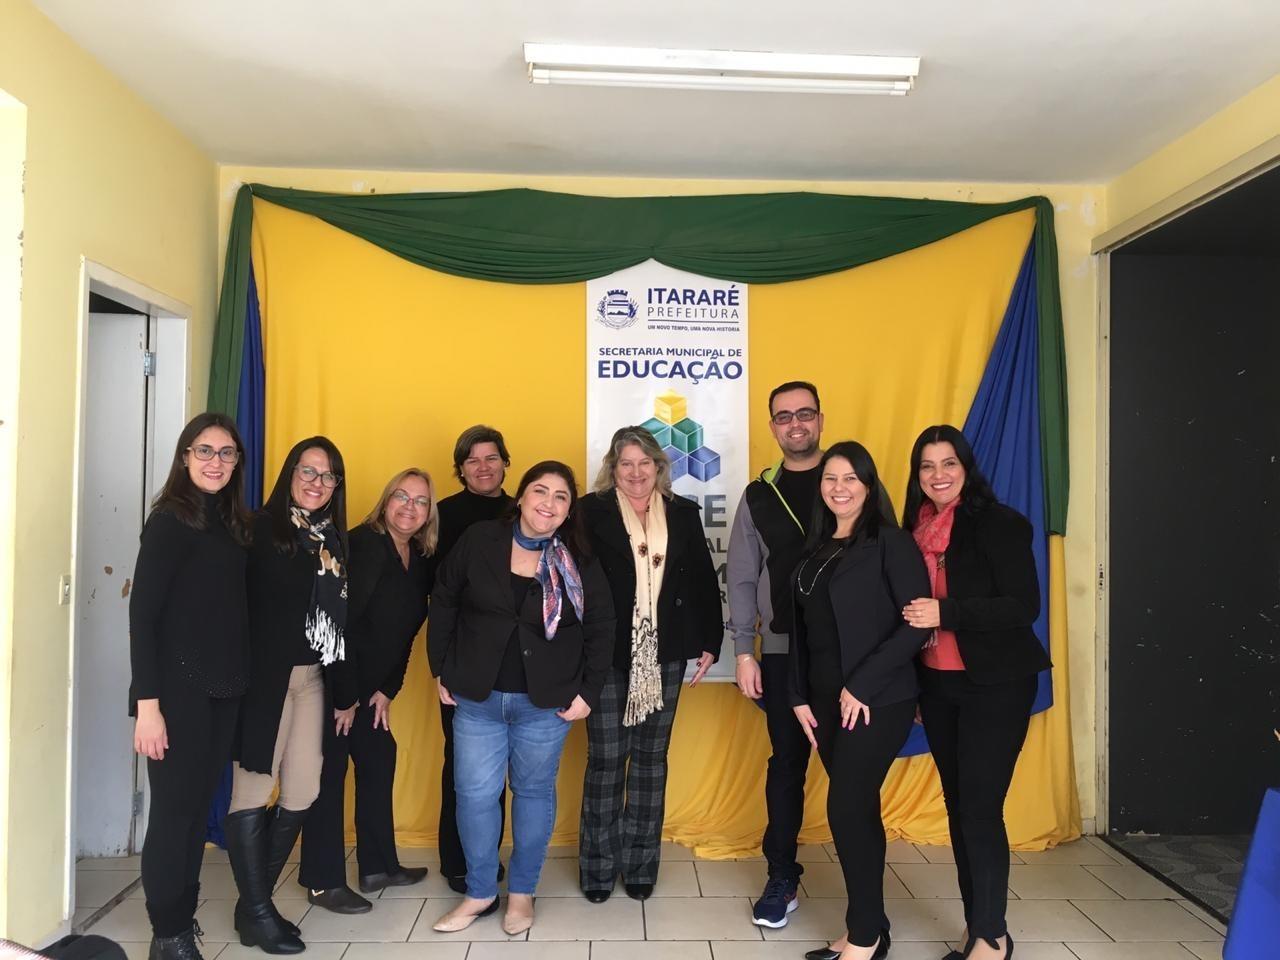 Educação de Itararé (SP) dá início ao curso 'BNCC – Educação é a base'